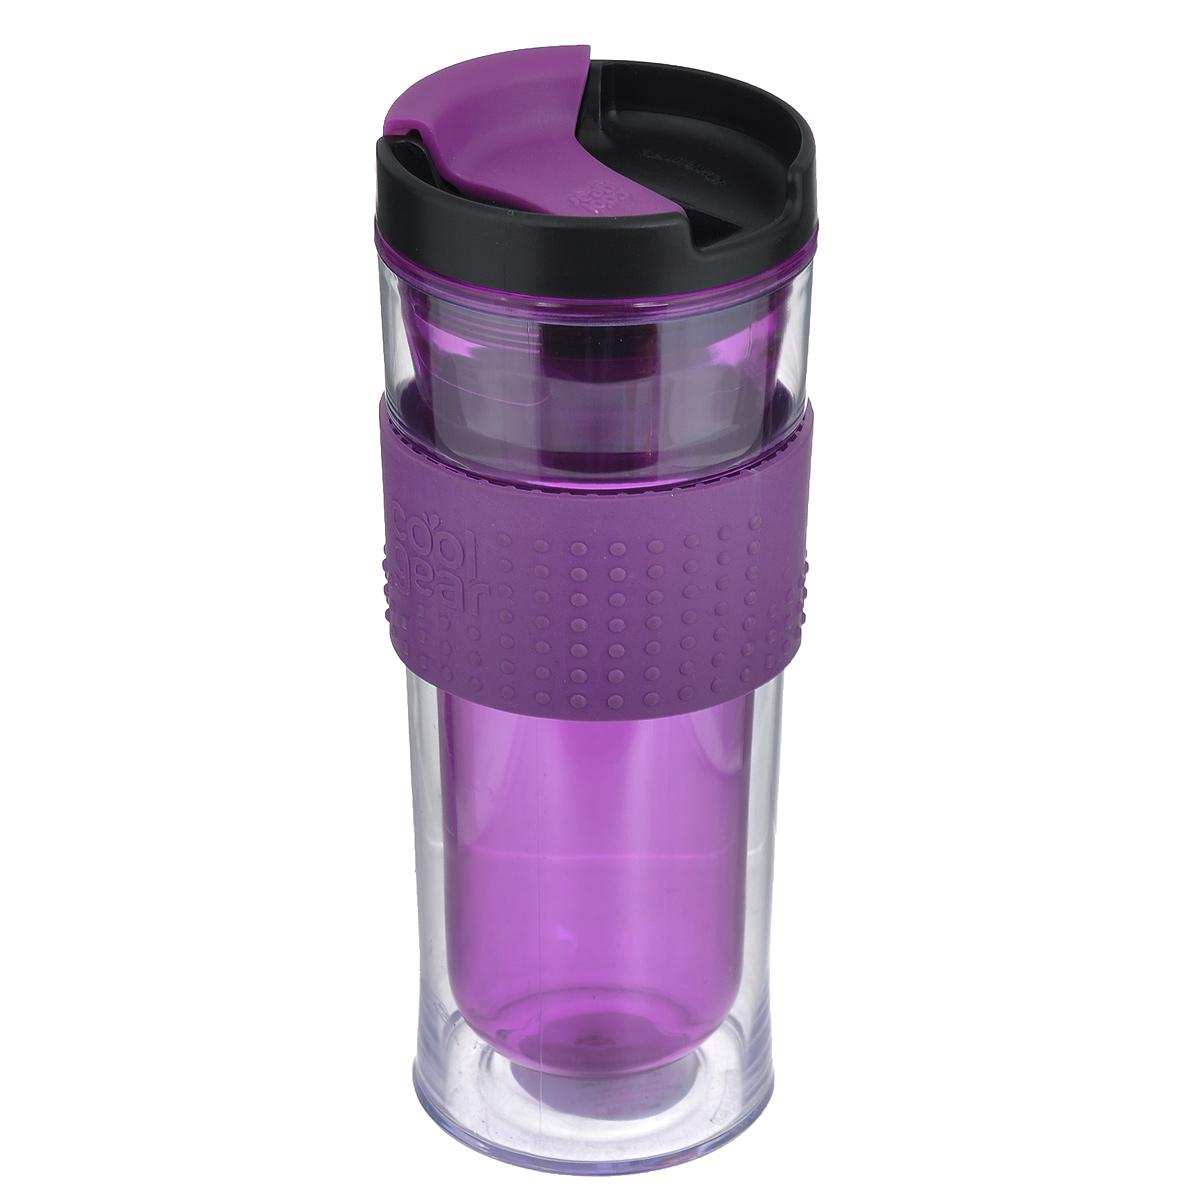 Кружка дорожная Cool Gear Eco 2 Go для горячих напитков, цвет: фиолетовый, 420 мл. 12801280Дорожная кружка Cool Gear Eco 2 Go изготовлена из высококачественного BPA-free пластика, не содержащего токсичных веществ. Двойные стенки дольше сохраняют напиток горячим и не обжигают руки. Надежная закручивающаяся крышка с защитой от проливания обеспечит дополнительную безопасность. Крышка оснащена клапаном для питья. Оптимальный объем позволит взять с собой большую порцию горячего кофе или чая. Также подходит и для холодных напитков. Антискользящий ободок предотвращает выскальзывание кружки из рук. Кружка идеальна для ежедневного использования. Она станет вашим обязательным спутником в длительных поездках или занятиях зимними видами спорта. Не рекомендуется использовать в микроволновой печи и мыть в посудомоечной машине. Cool Gear - мировой лидер в сфере производства товаров для питья, продукция которого пользуется огромной популярностью по всему миру! Ассортимент компании включает более 120 видов бутылок для питья и дорожных кружек. Выбирайте для...